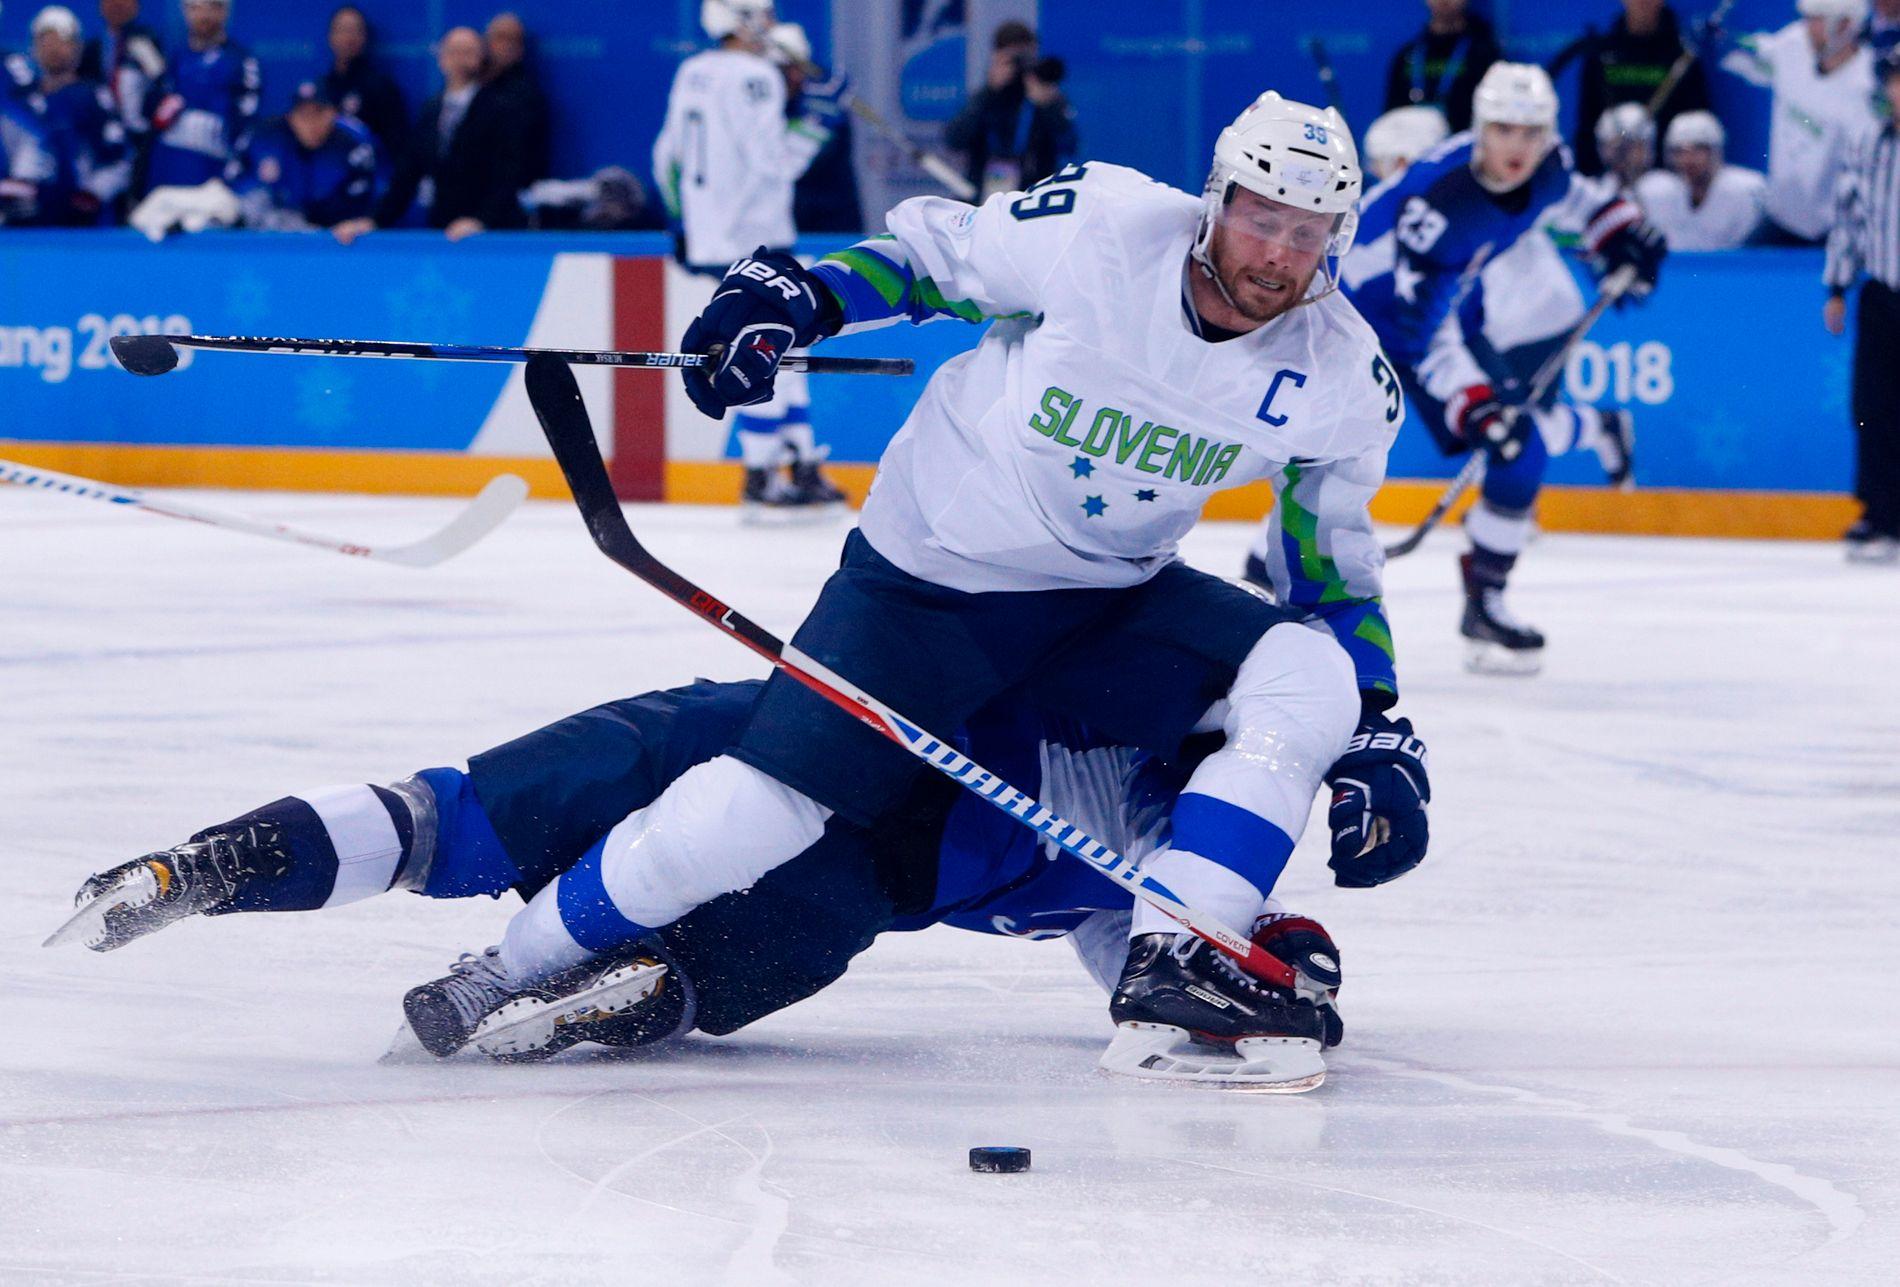 SLOVENIA-SUKSESS: Jan Mursak (30) har er nummer tre på toppscorer og målpoenglisten etter tre kamper i OL. Tirsdag må Norges ishockeylandslag stoppe Slovenias kaptein for å avansere til kvartfinalen.